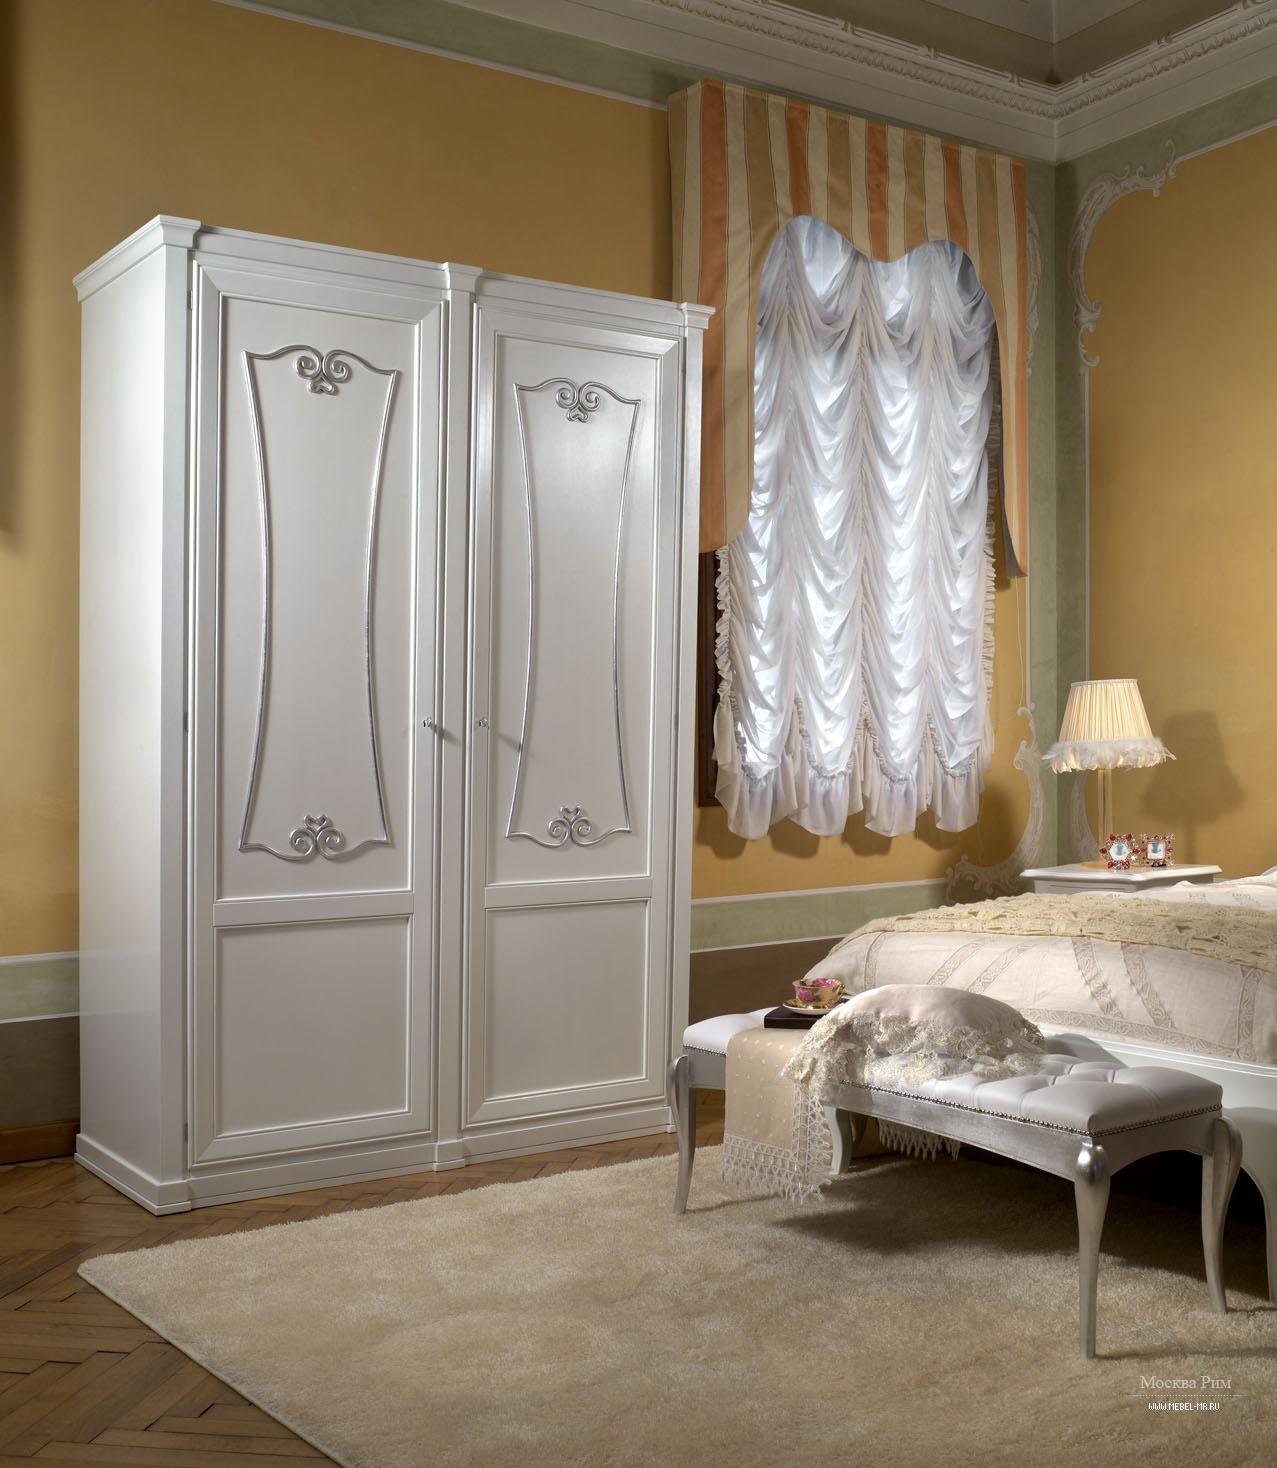 Купить платяной шкаф гардероб в стиле прованс